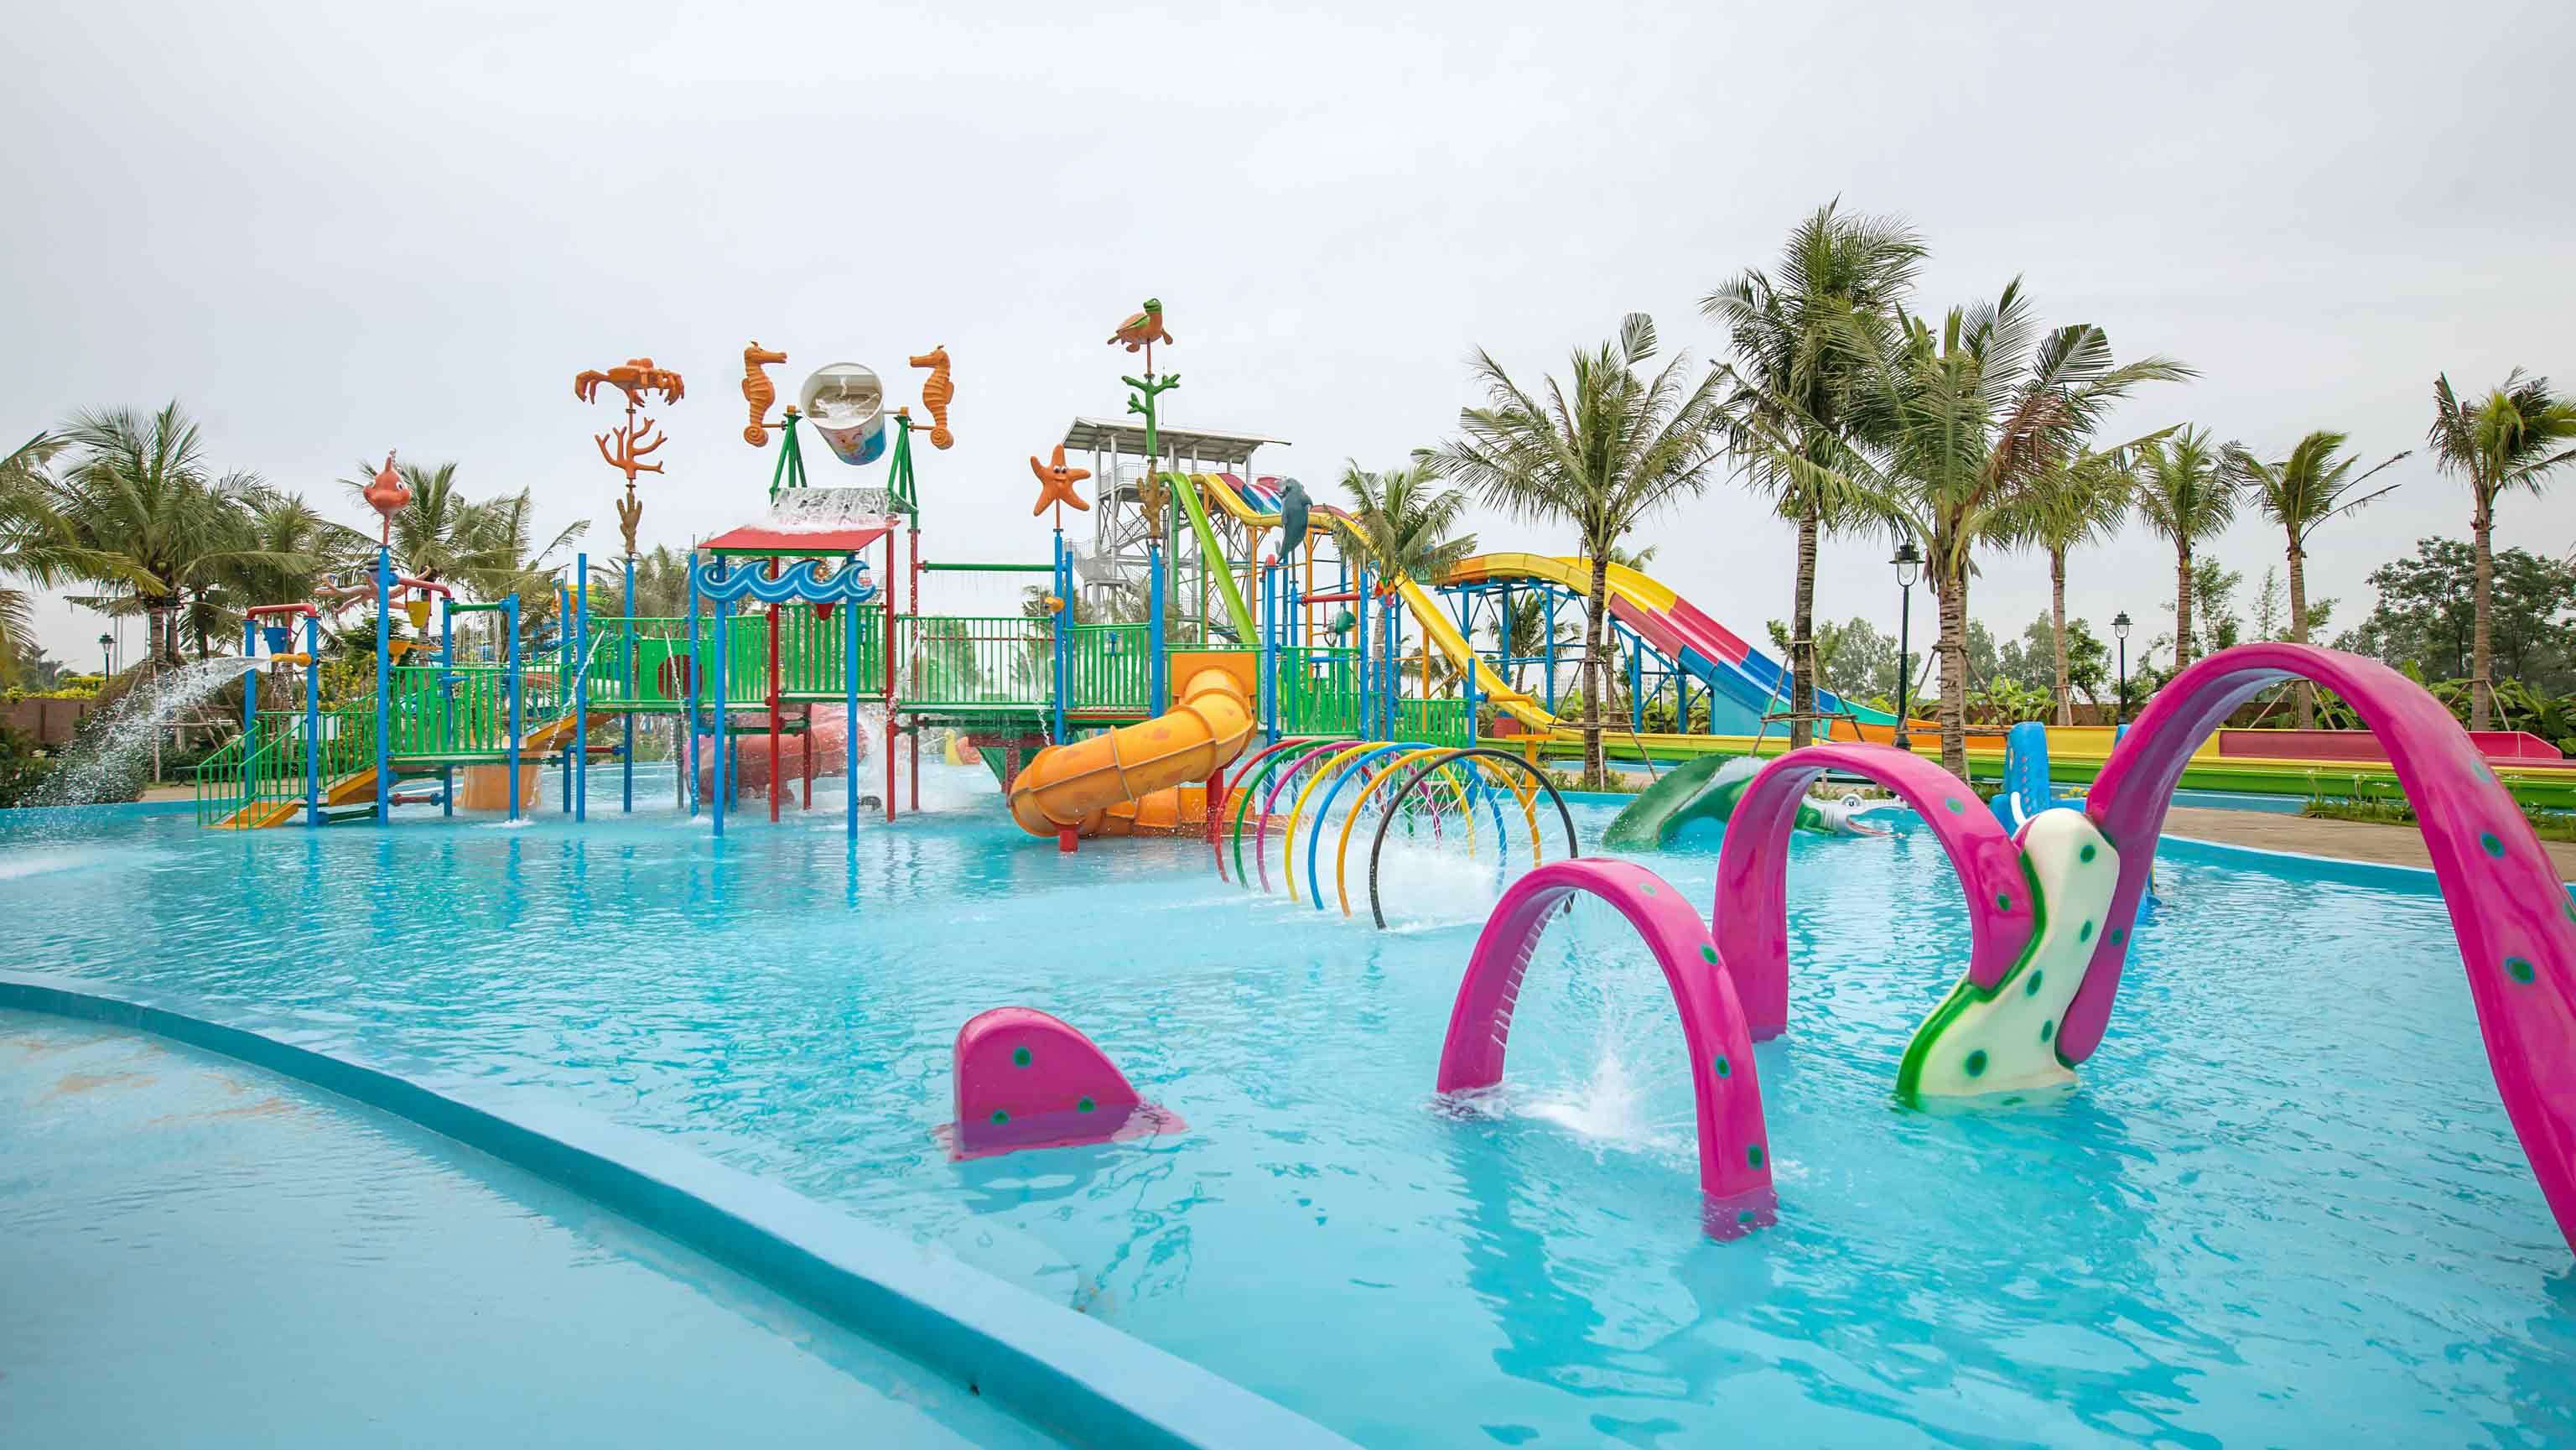 Khu bể bơi dành cho trẻ em tại Baara Land